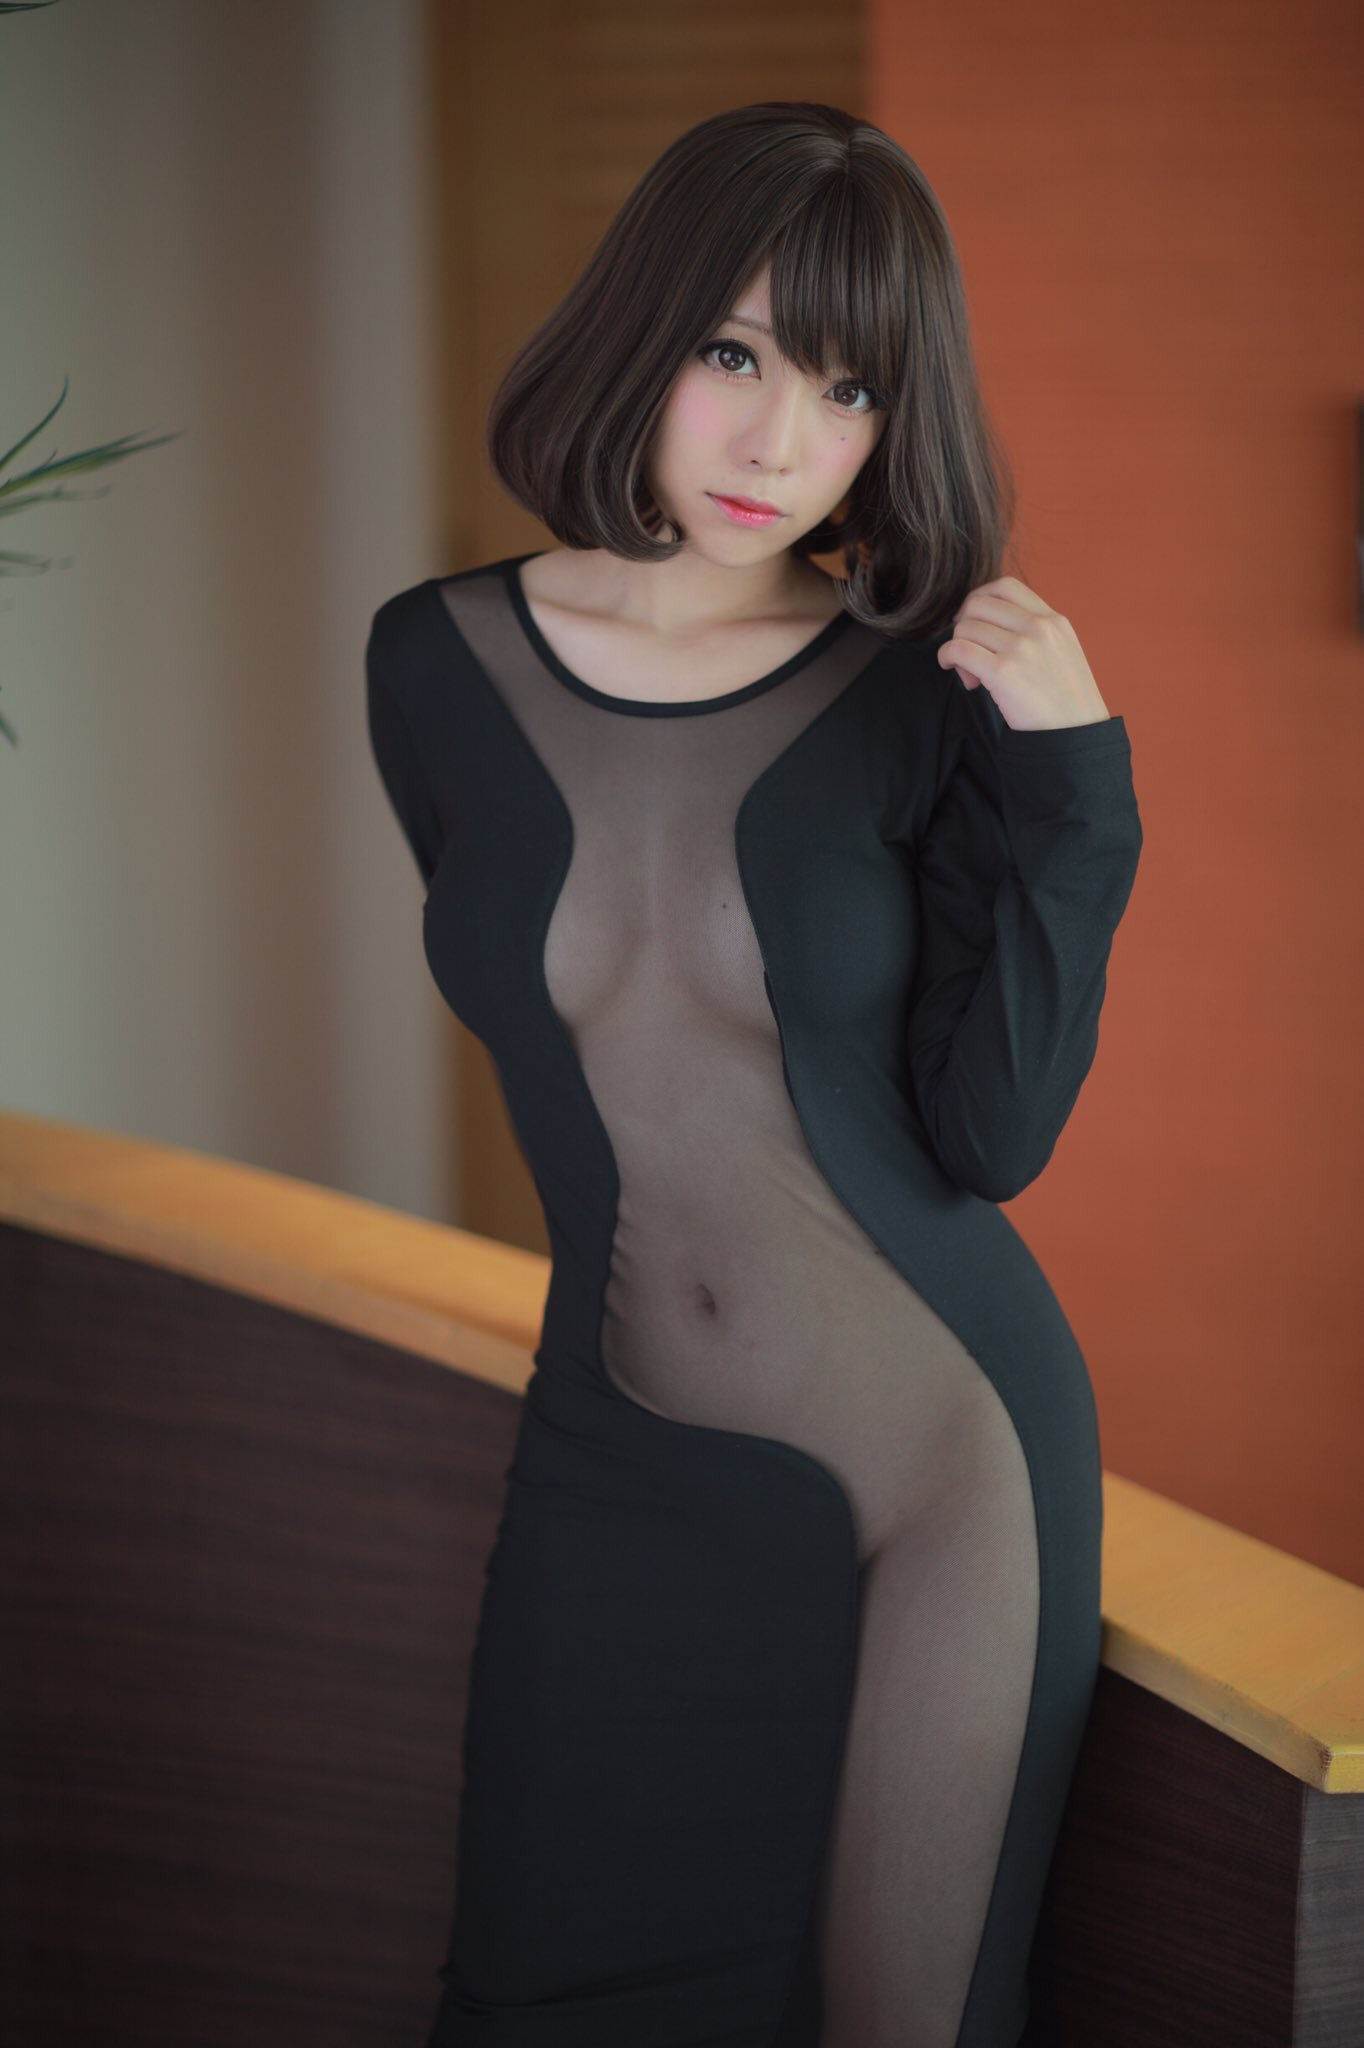 동정을 ○이는 옷, 최종악장으로